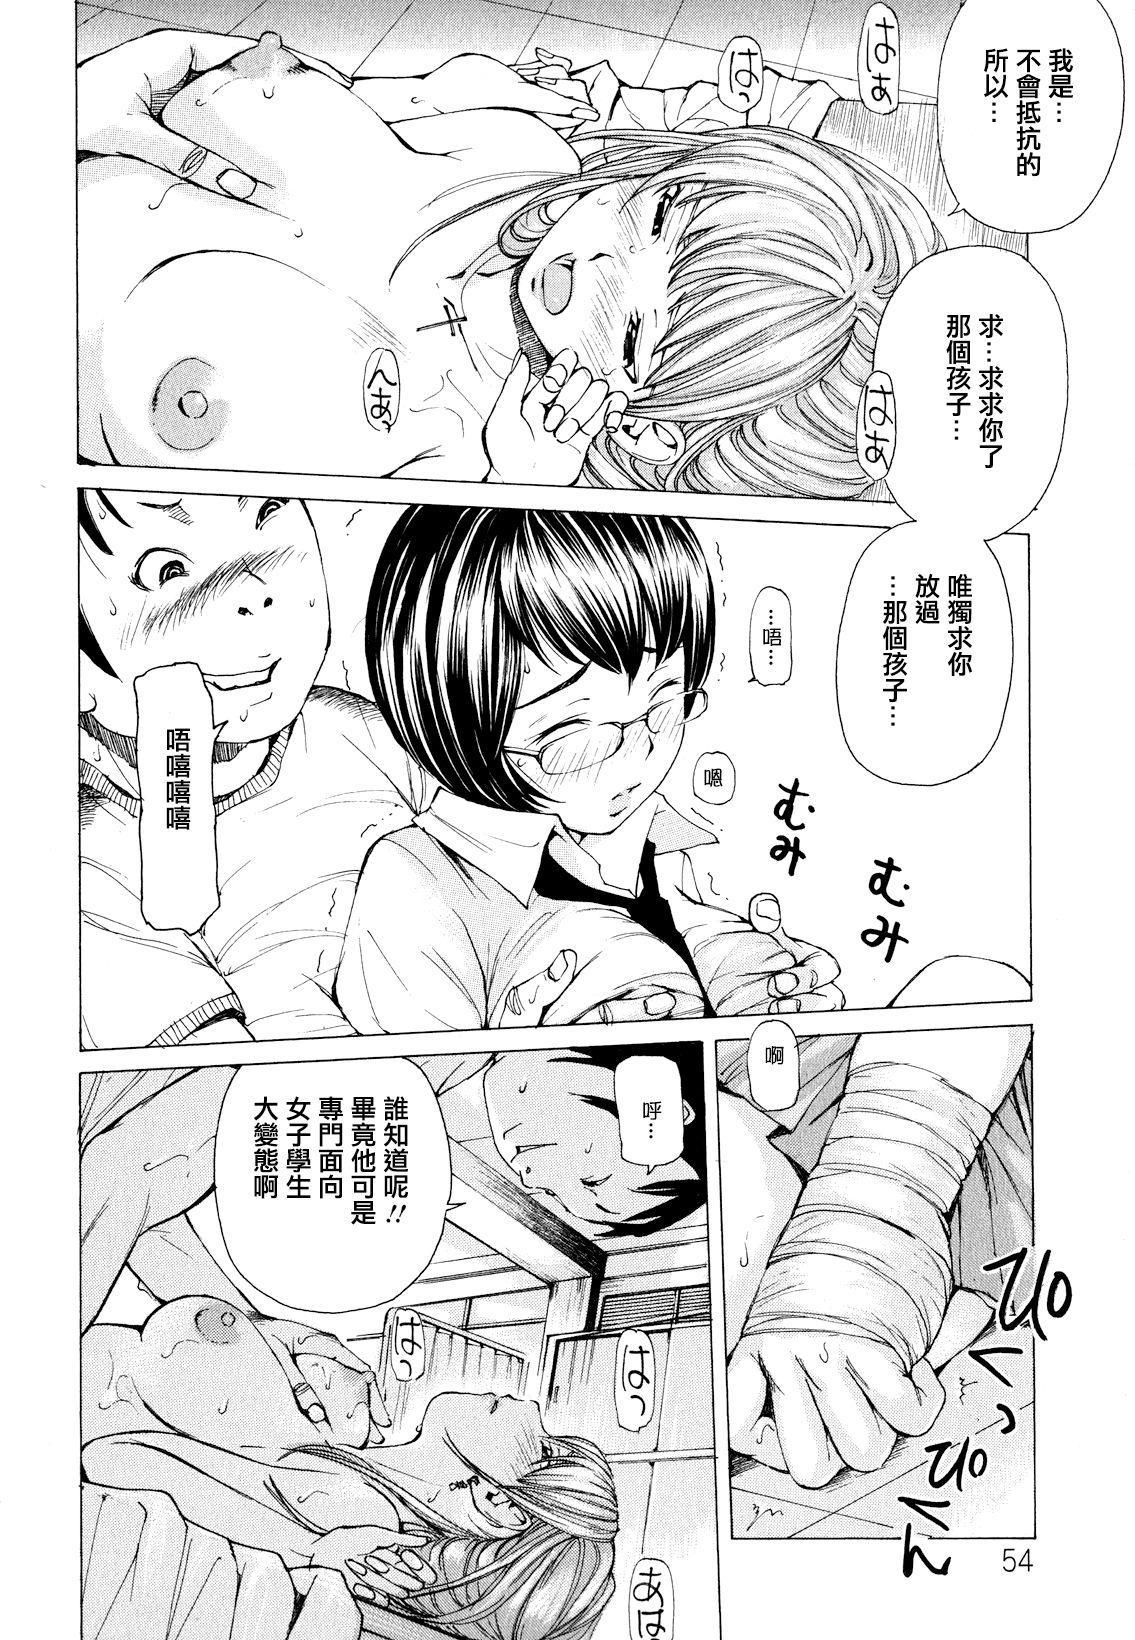 [Nohara Hiromi] Suhada-teki Bishoujo 1 -Watashi no Himitsu... Mitai? Hen- [Chinese] [紫色老太婆个人汉化] 54